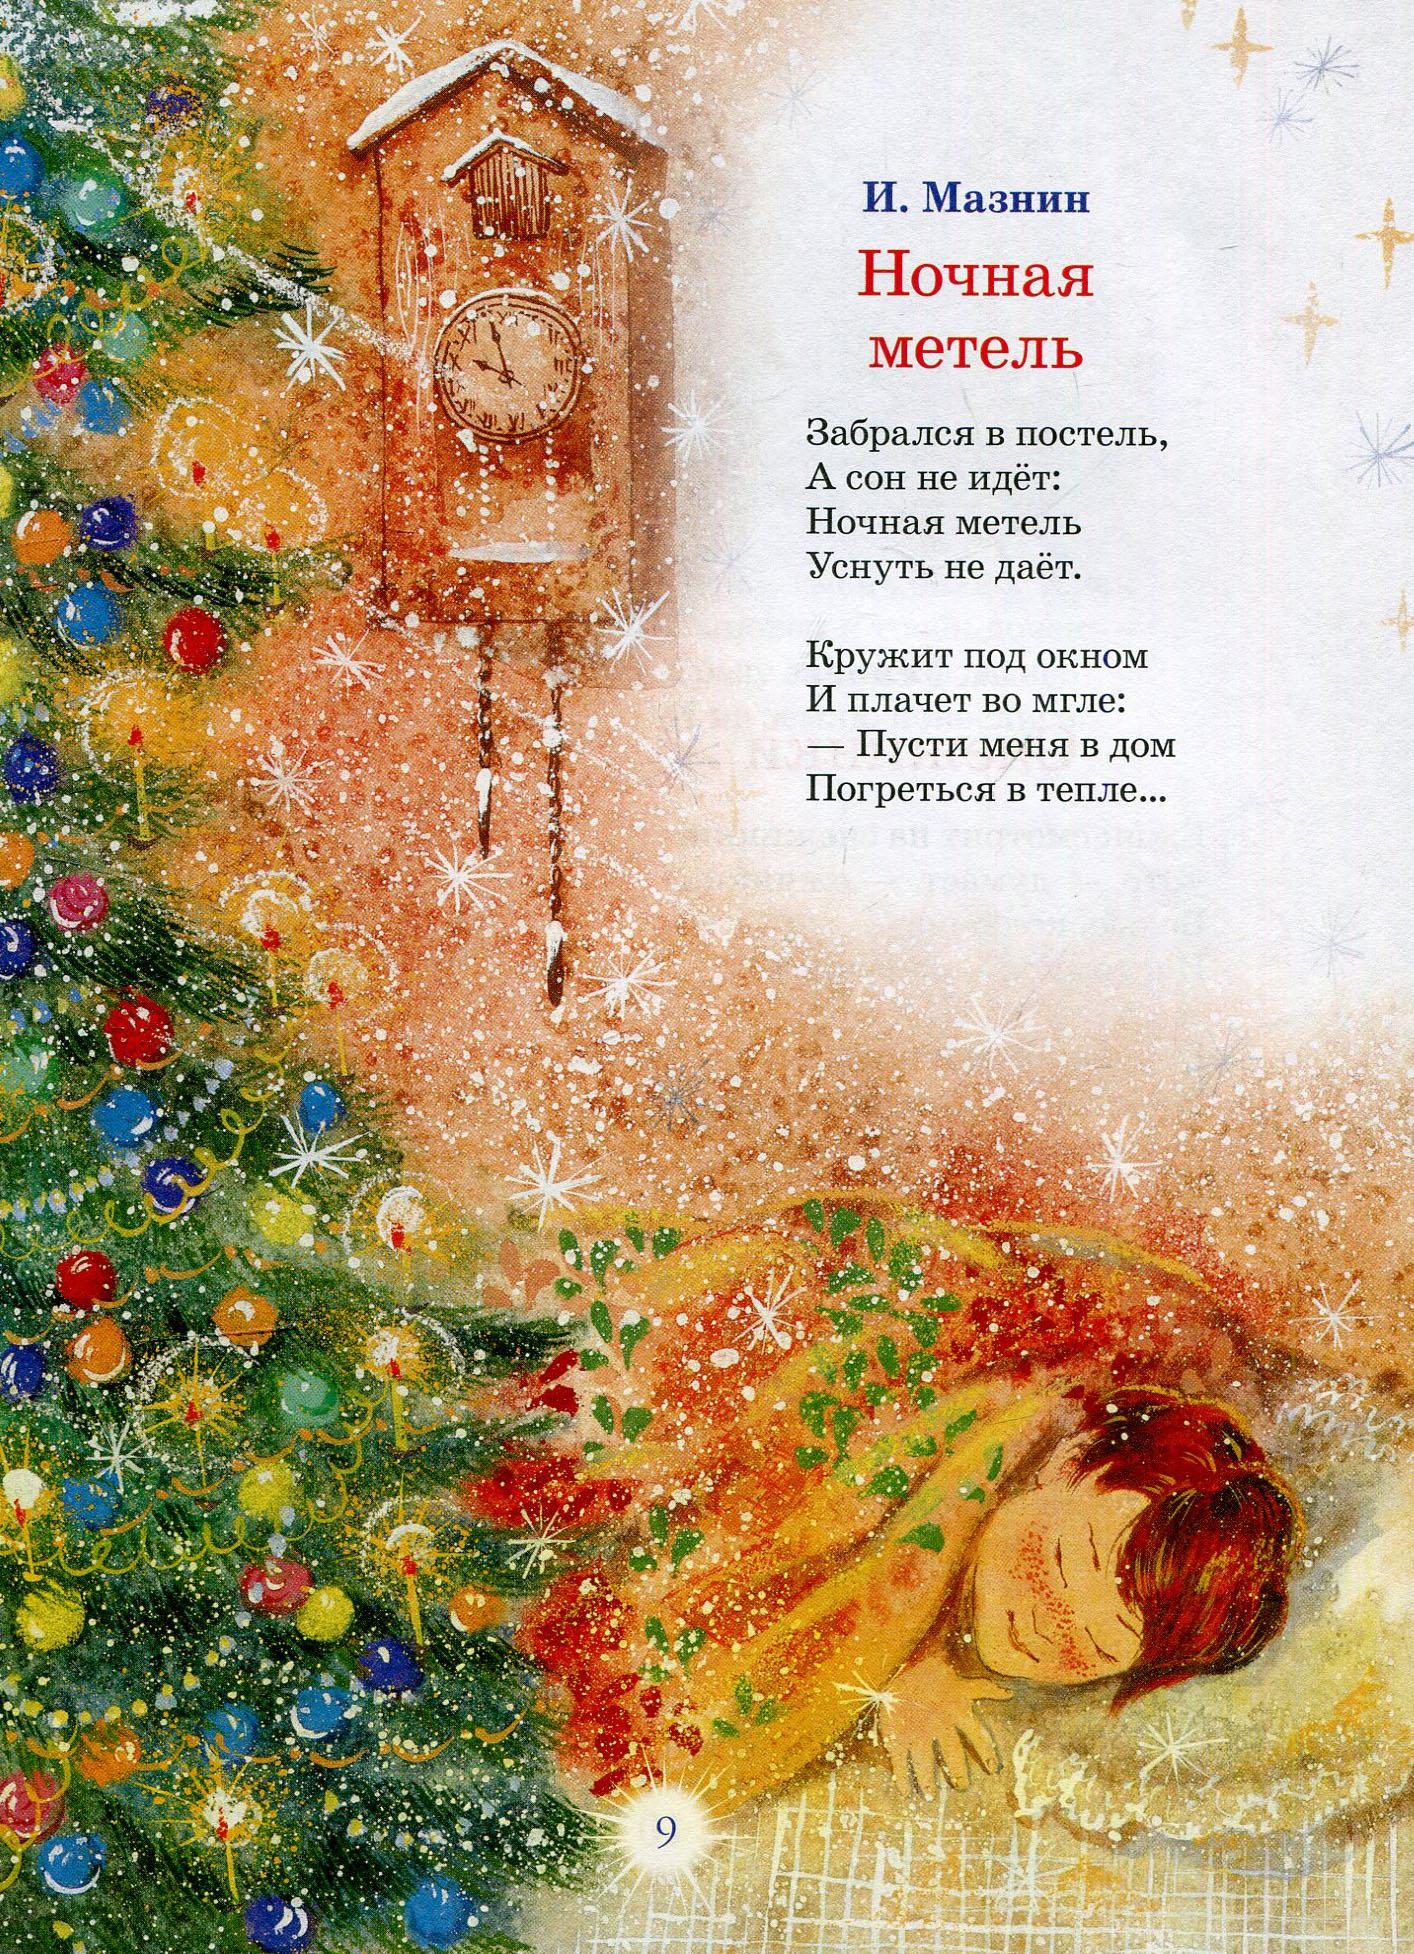 красивые стихи о новом годе русских поэтов это неспокойное время